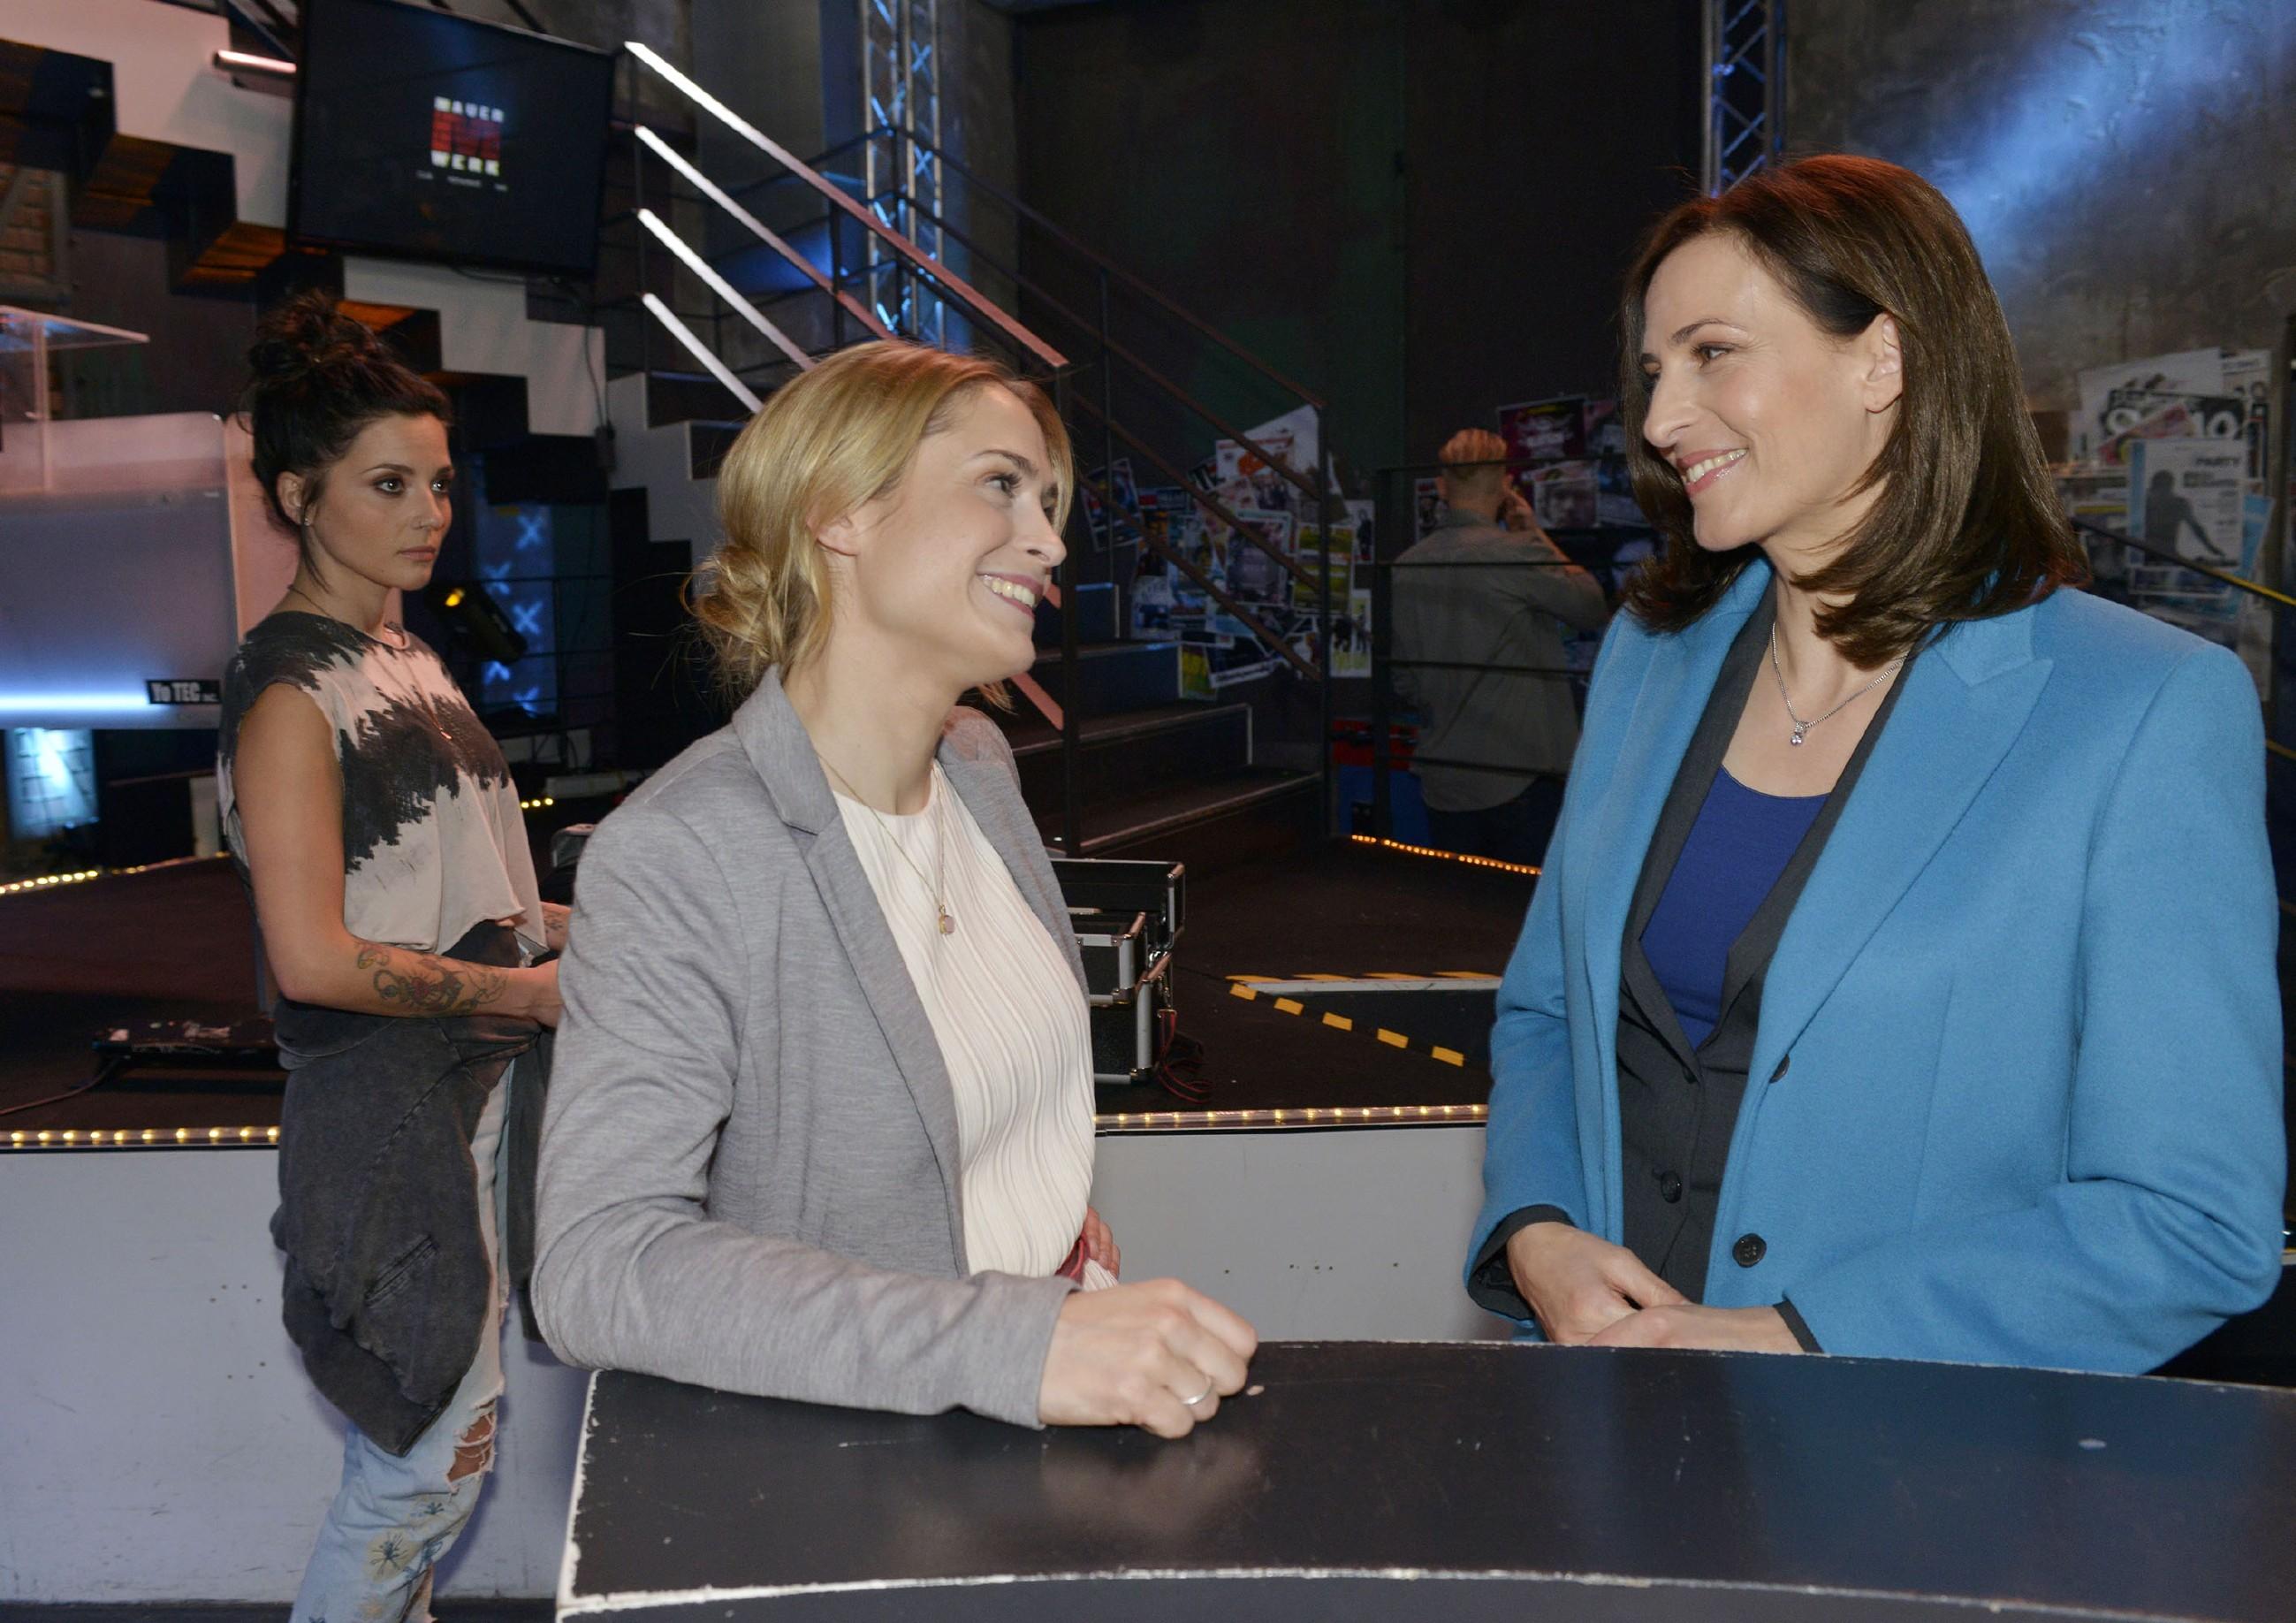 Anni (Linda Marlen Runge, l.) versetzt es einen Stich, als sie bei einem Gespräch zwischen Sophie (Lea Marlen Woitack, M.) und Katrin (Ulrike Frank) hört, wie glücklich Jasmin mit ihrer Entscheidung ist. (RTL / Rolf Baumgartner)